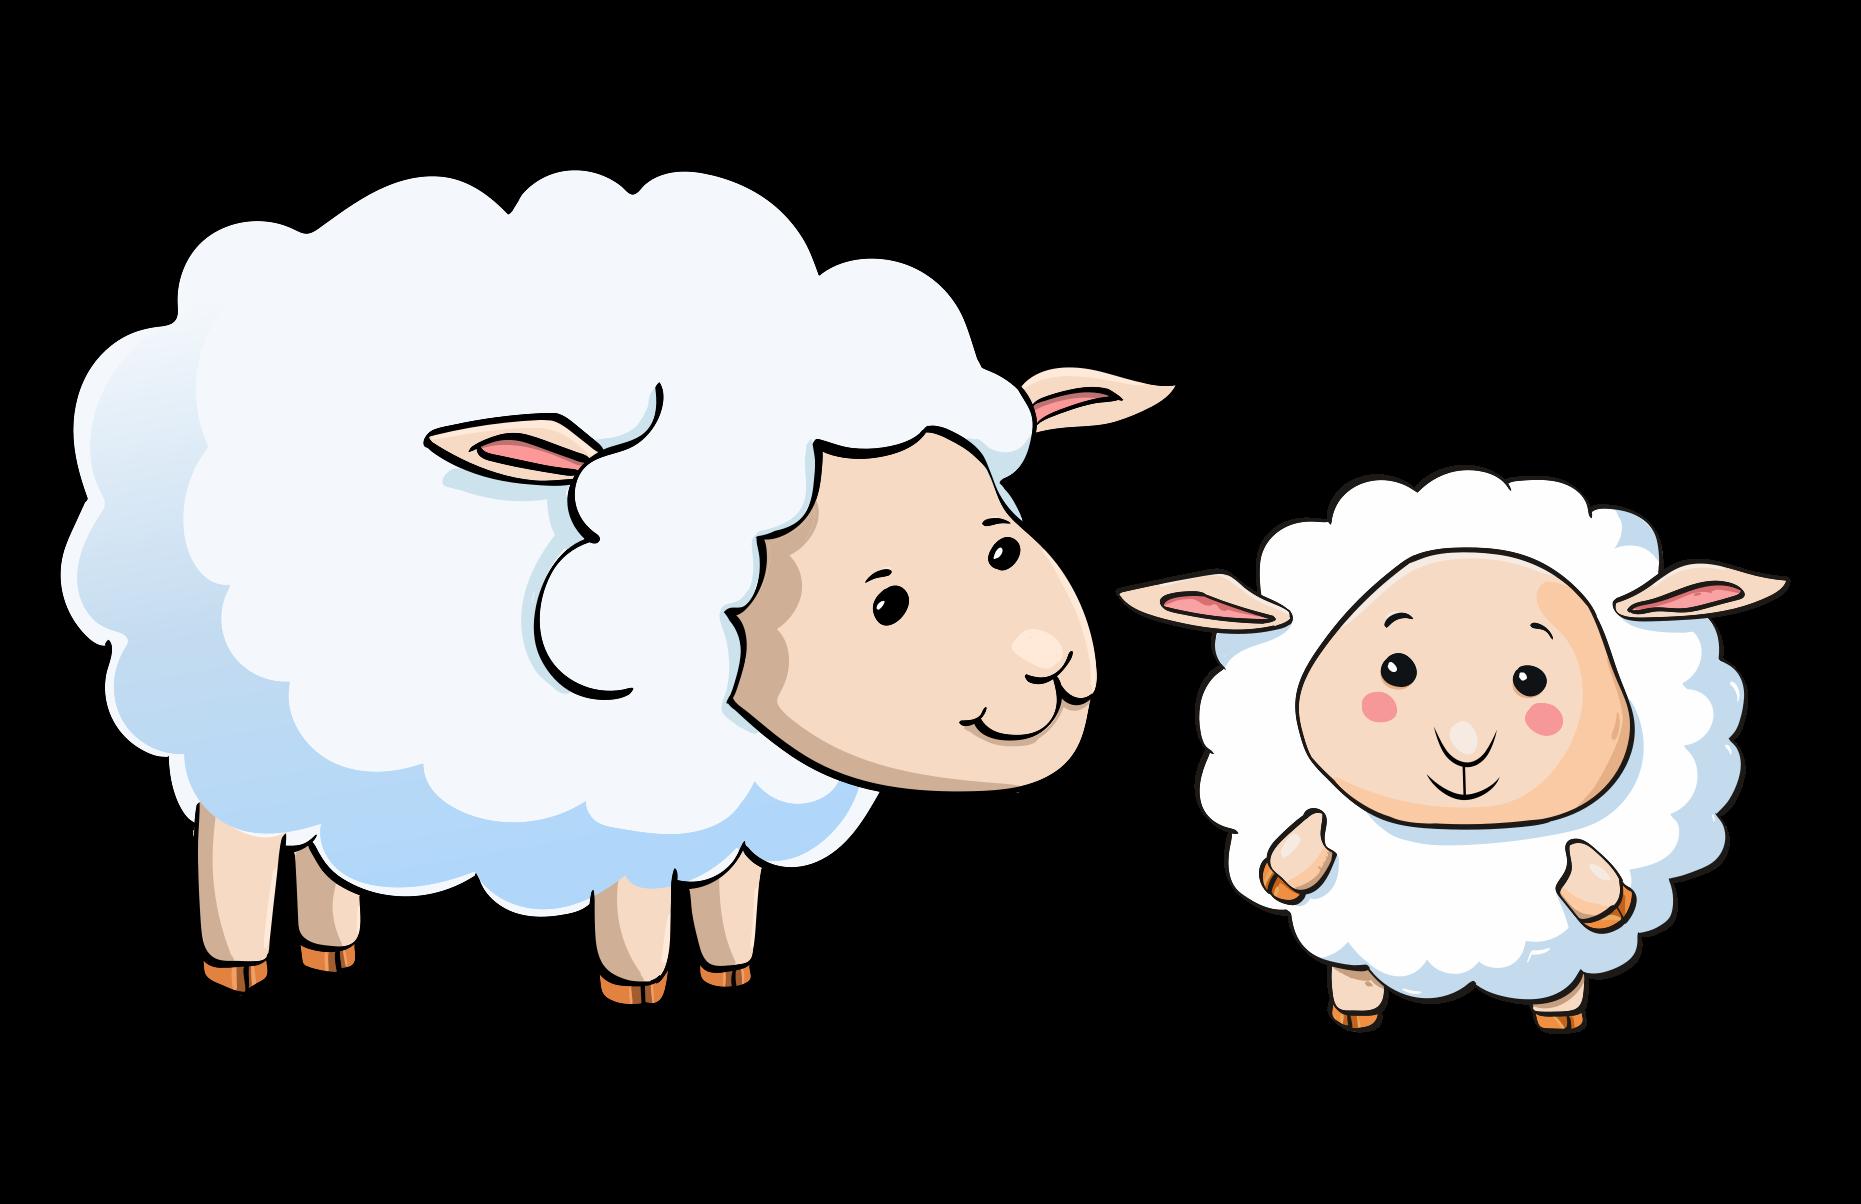 Cartoon sheep and lamb.